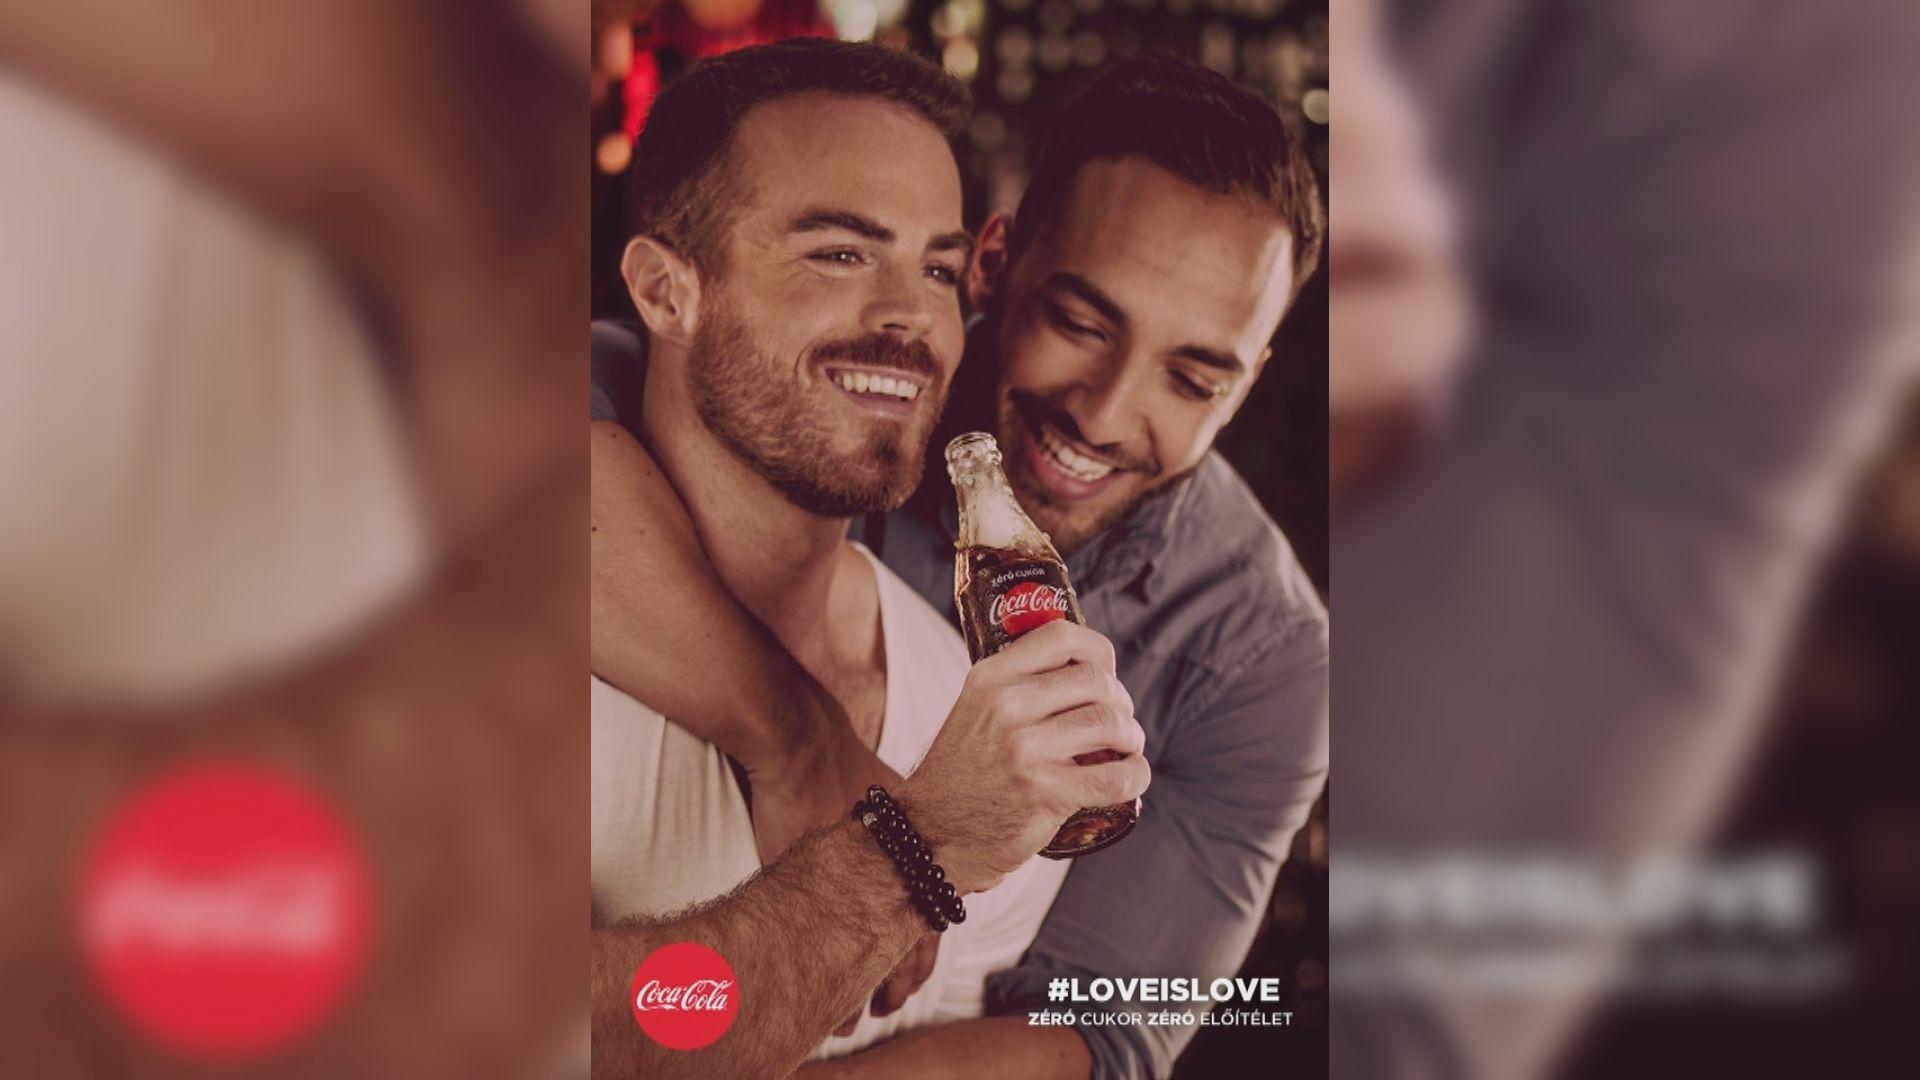 【環球薈報】可口可樂匈牙利登同志廣告遭抵制